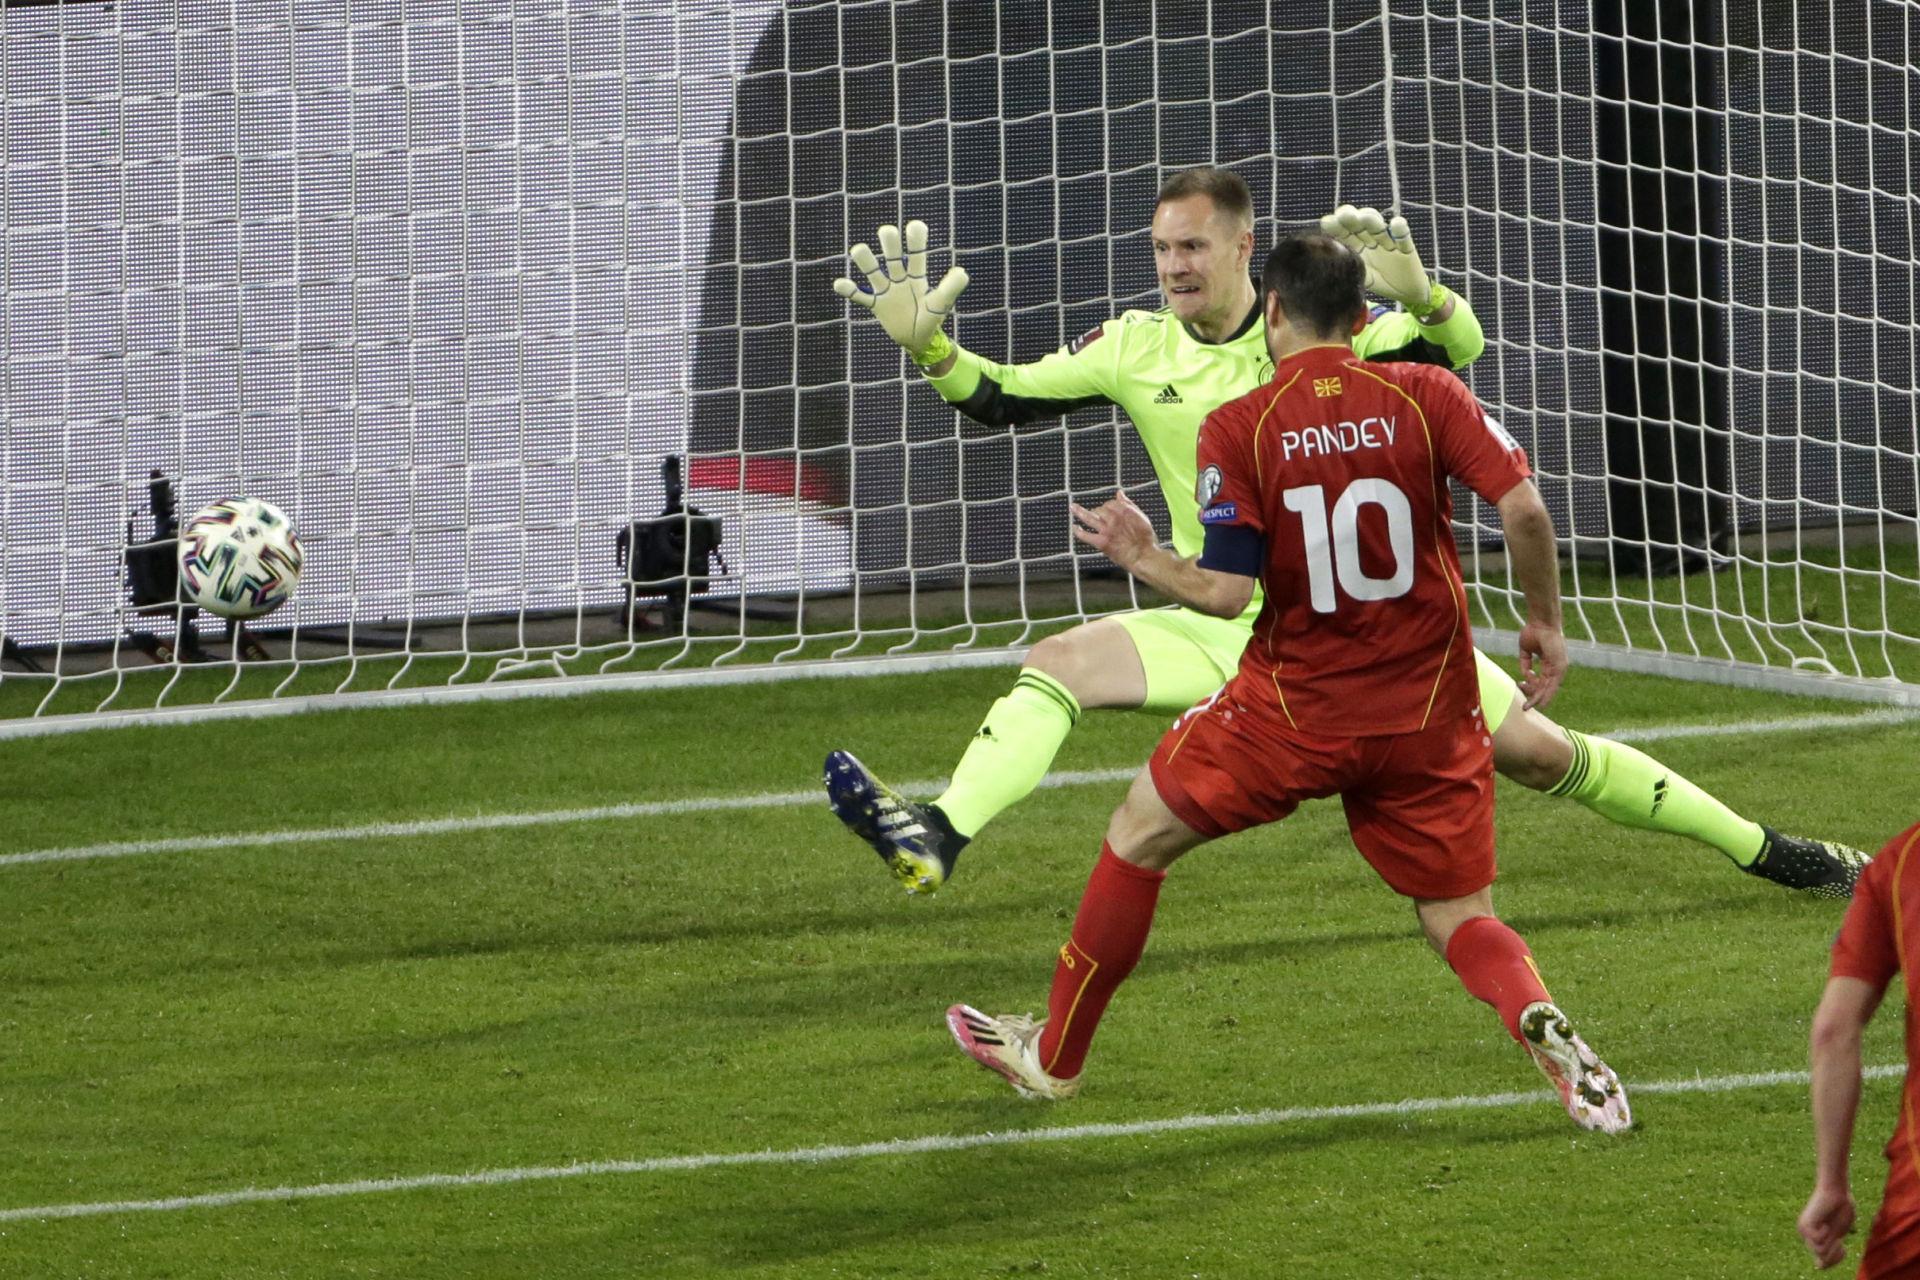 Đức thua bẽ bàng Bắc Macedonia 2-1 ngay tại sân nhà